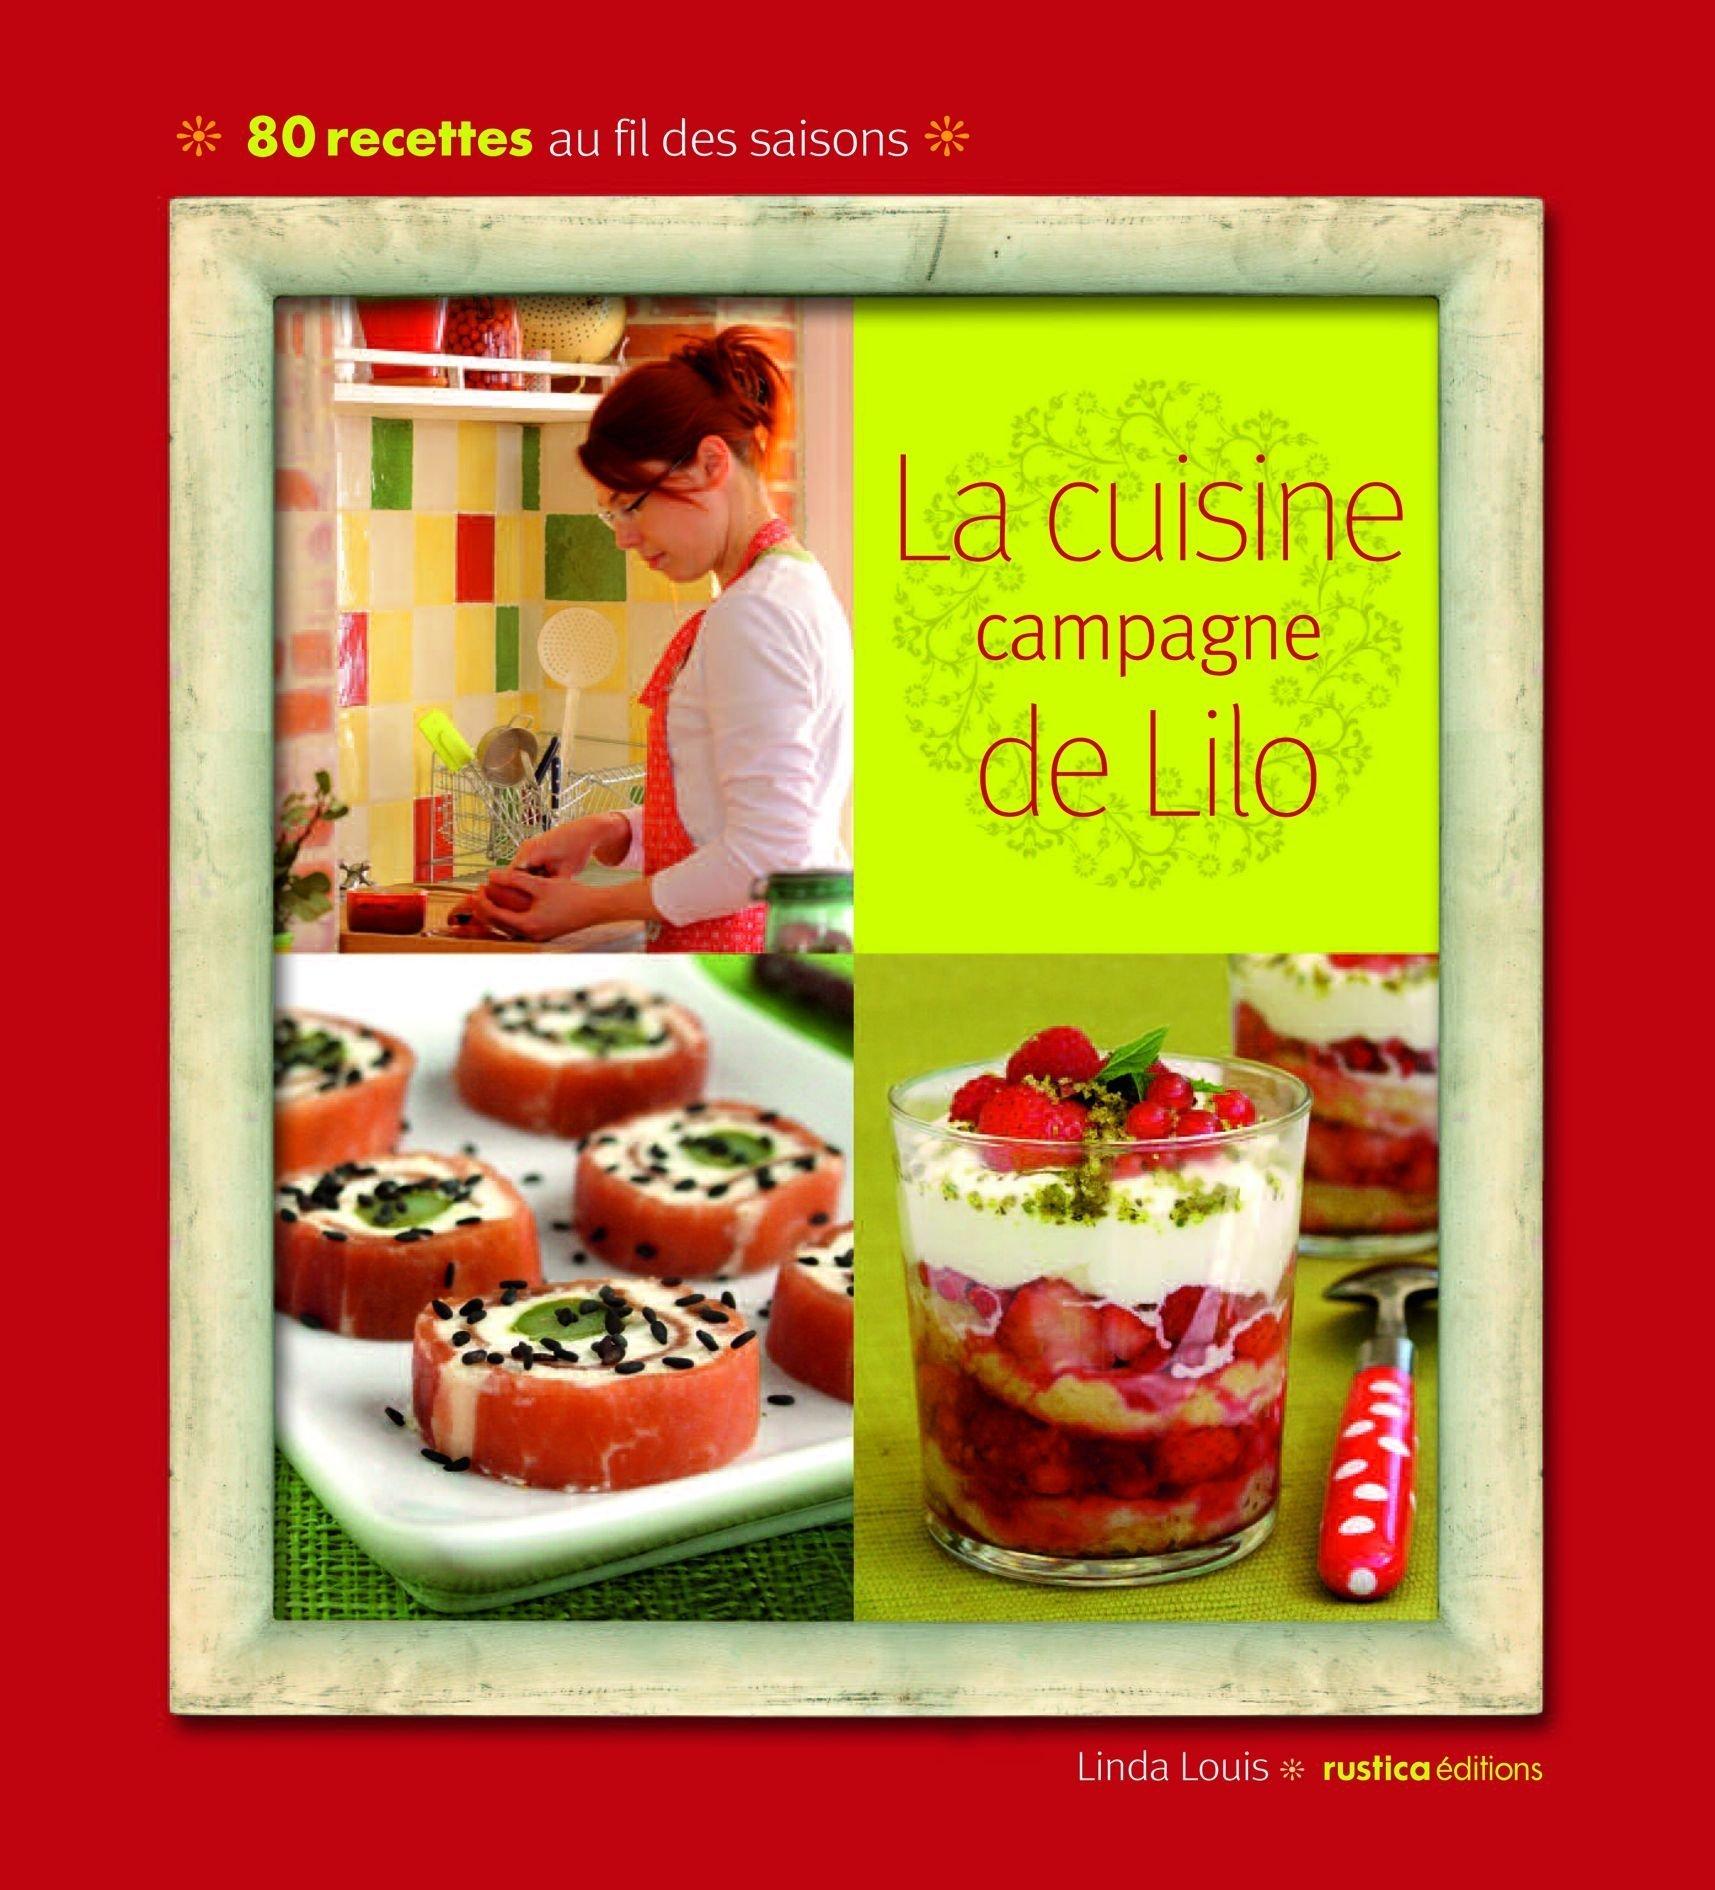 Amazon.fr - La cuisine campagne de Lilo - Linda Louis - Livres